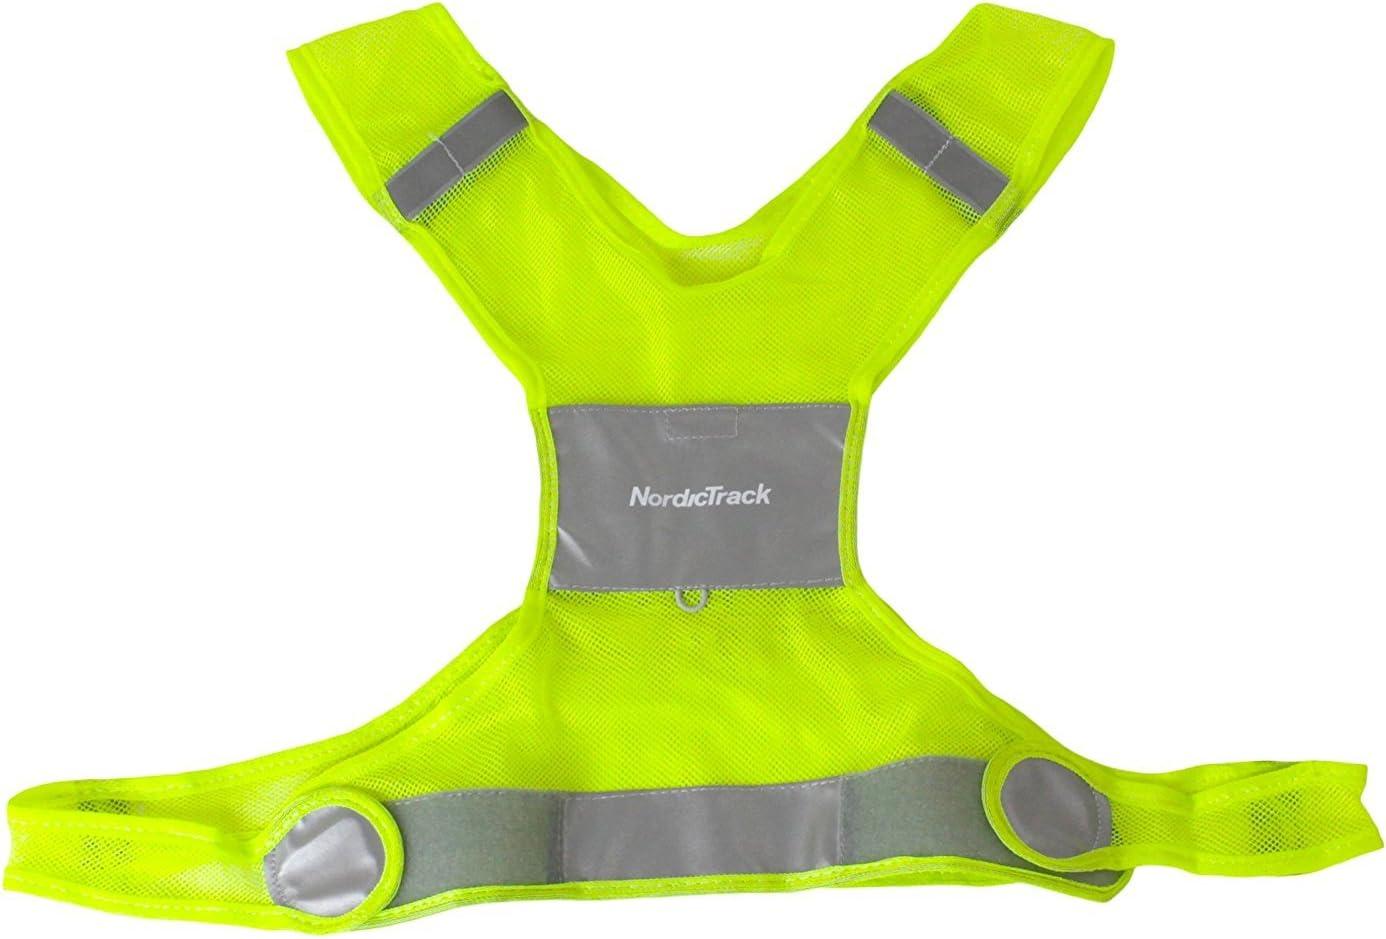 NordicTrack Relfective Runners Vest